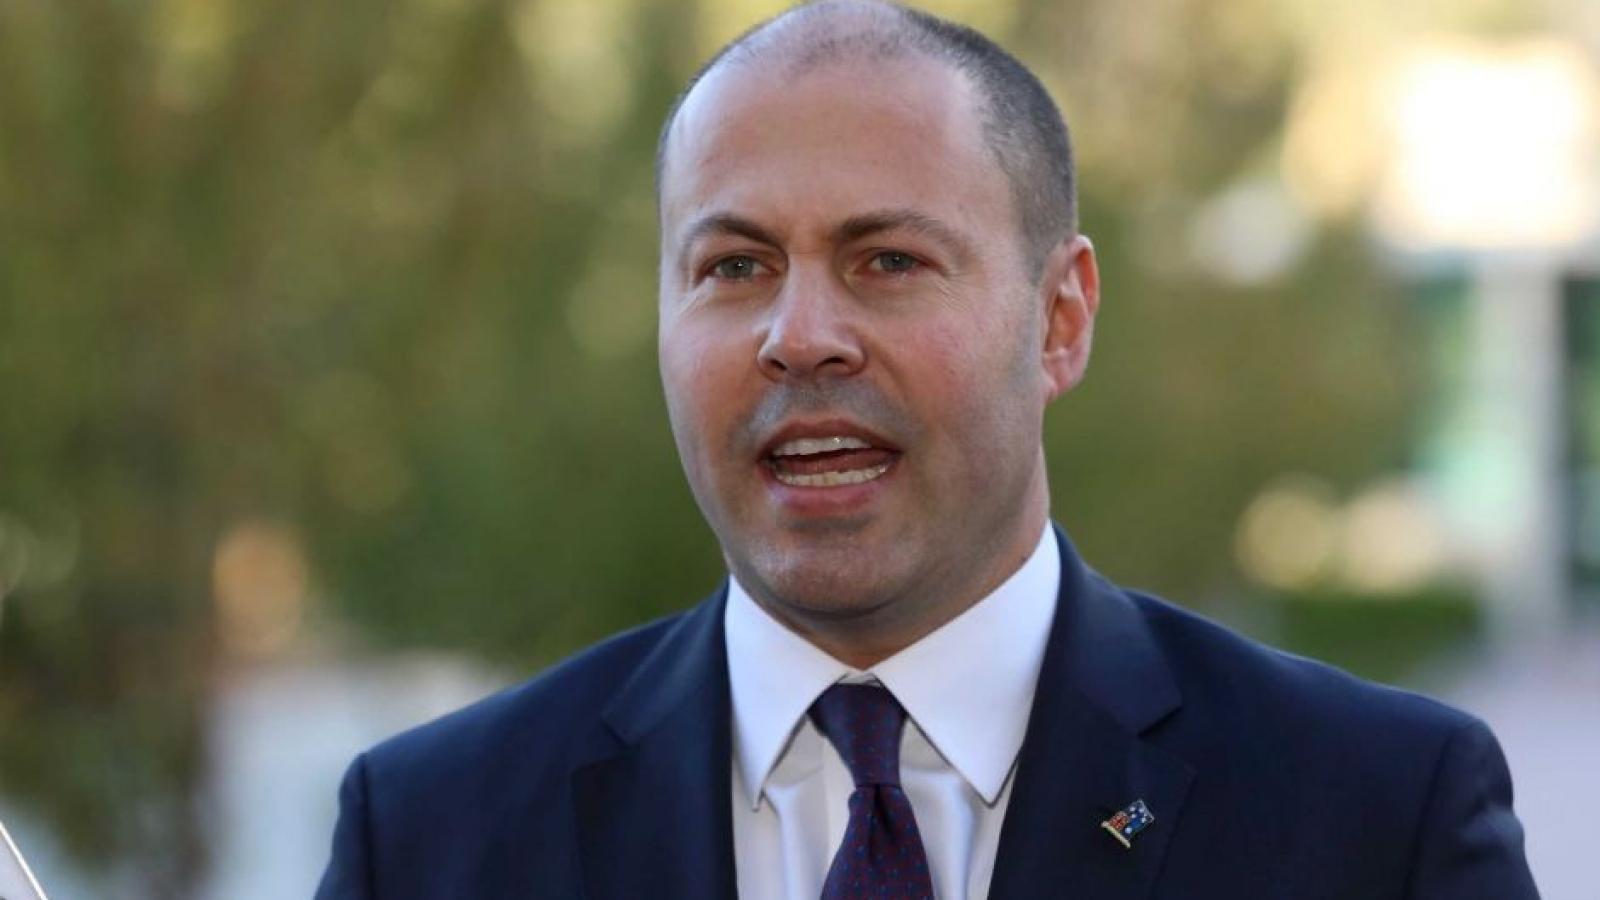 Nợ công của Australia lên đến 590 tỷ AUD do Covid-19